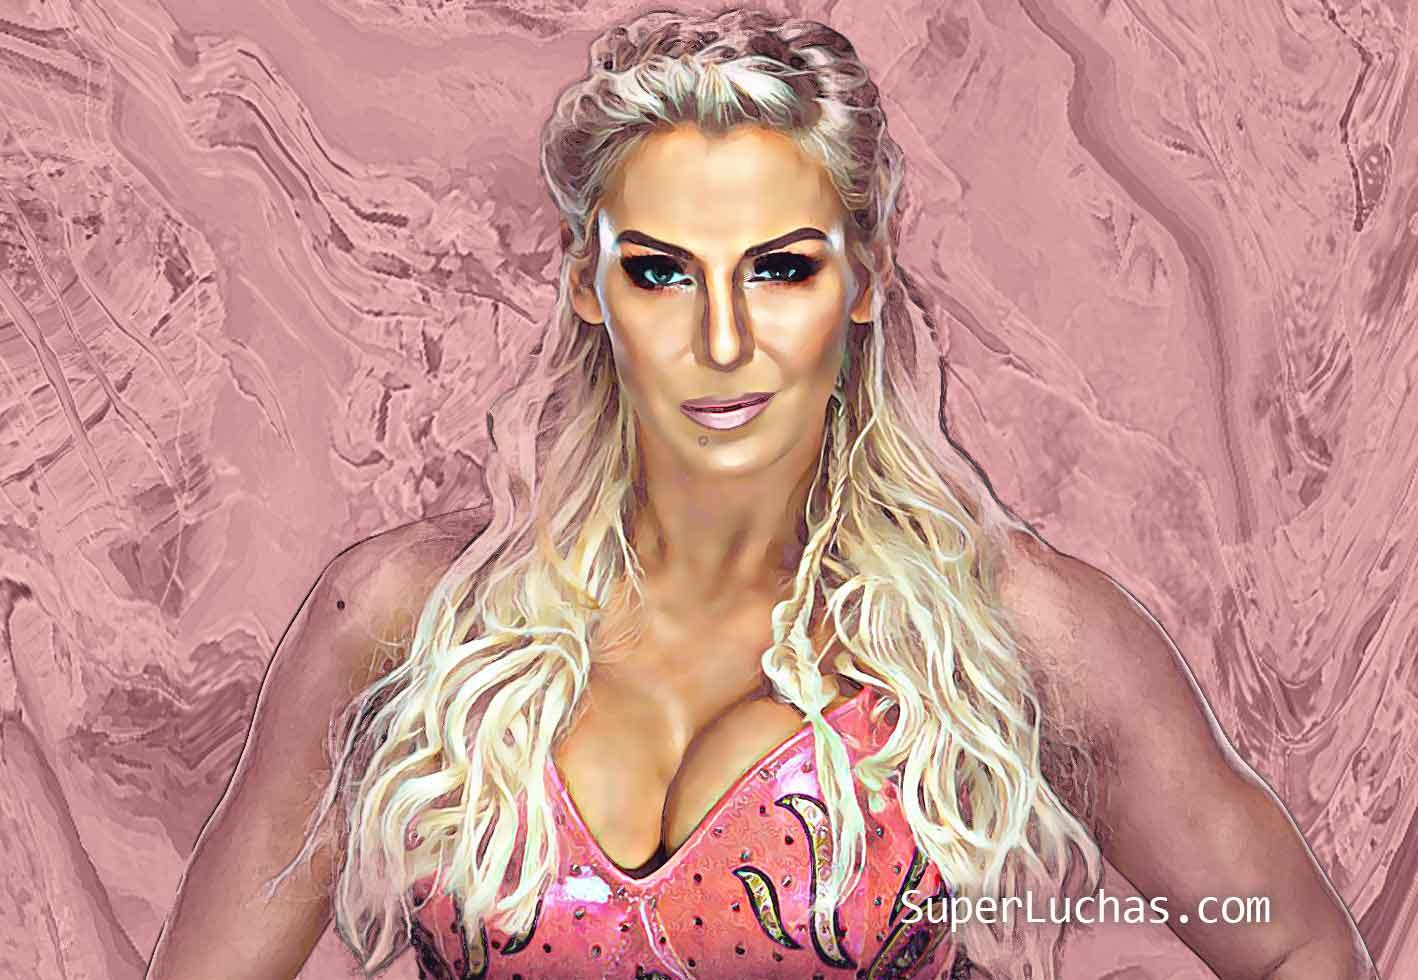 Grandes cosas en el futuro de Charlotte Flair: ¿Ganará el Royal Rumble? 1